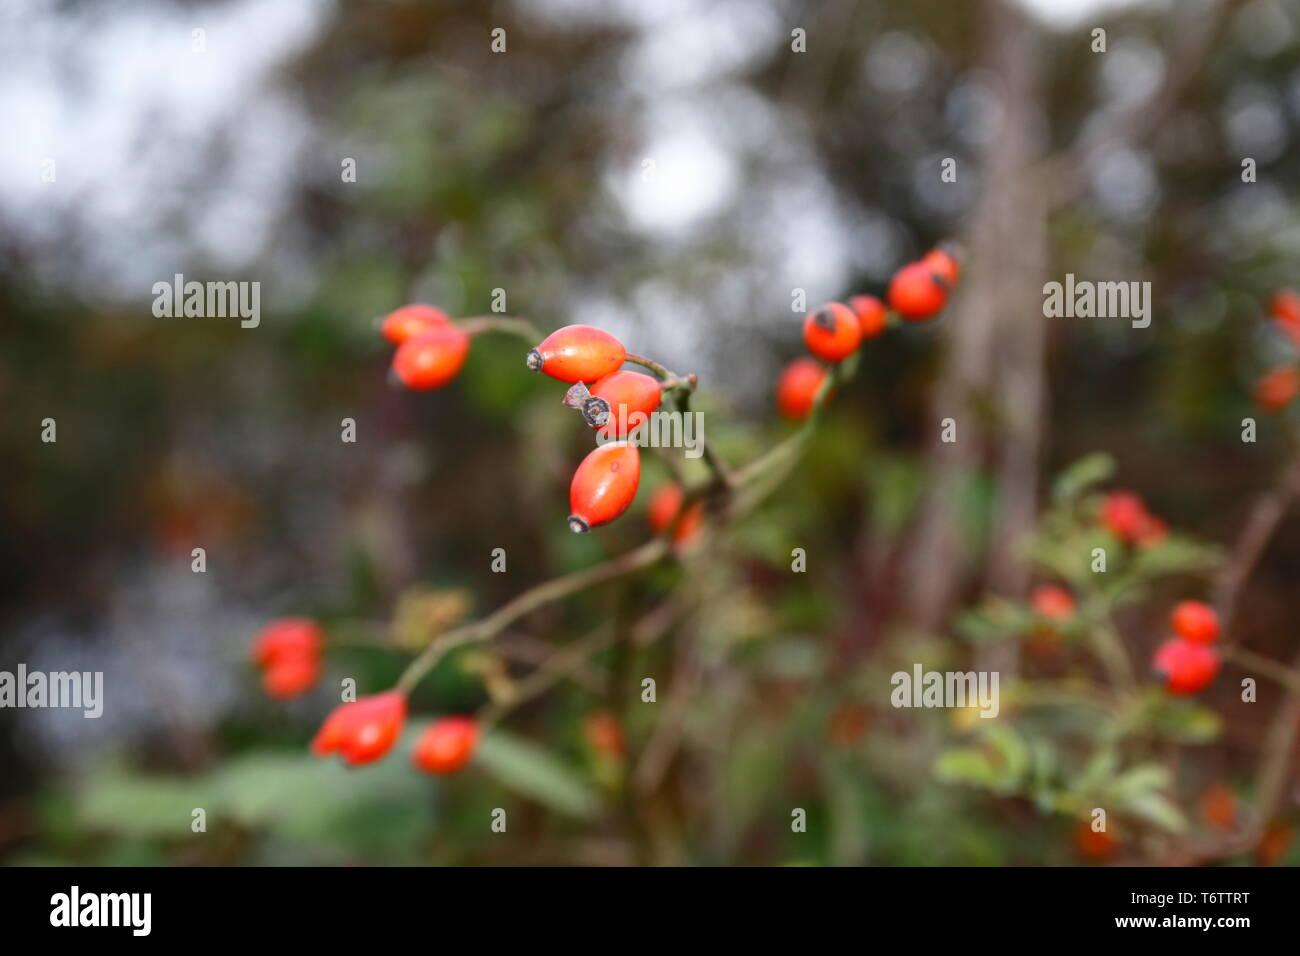 Hagebutte Frucht, am Busch, mit unscharfem Hintergrund, im Herbst - Stock Image